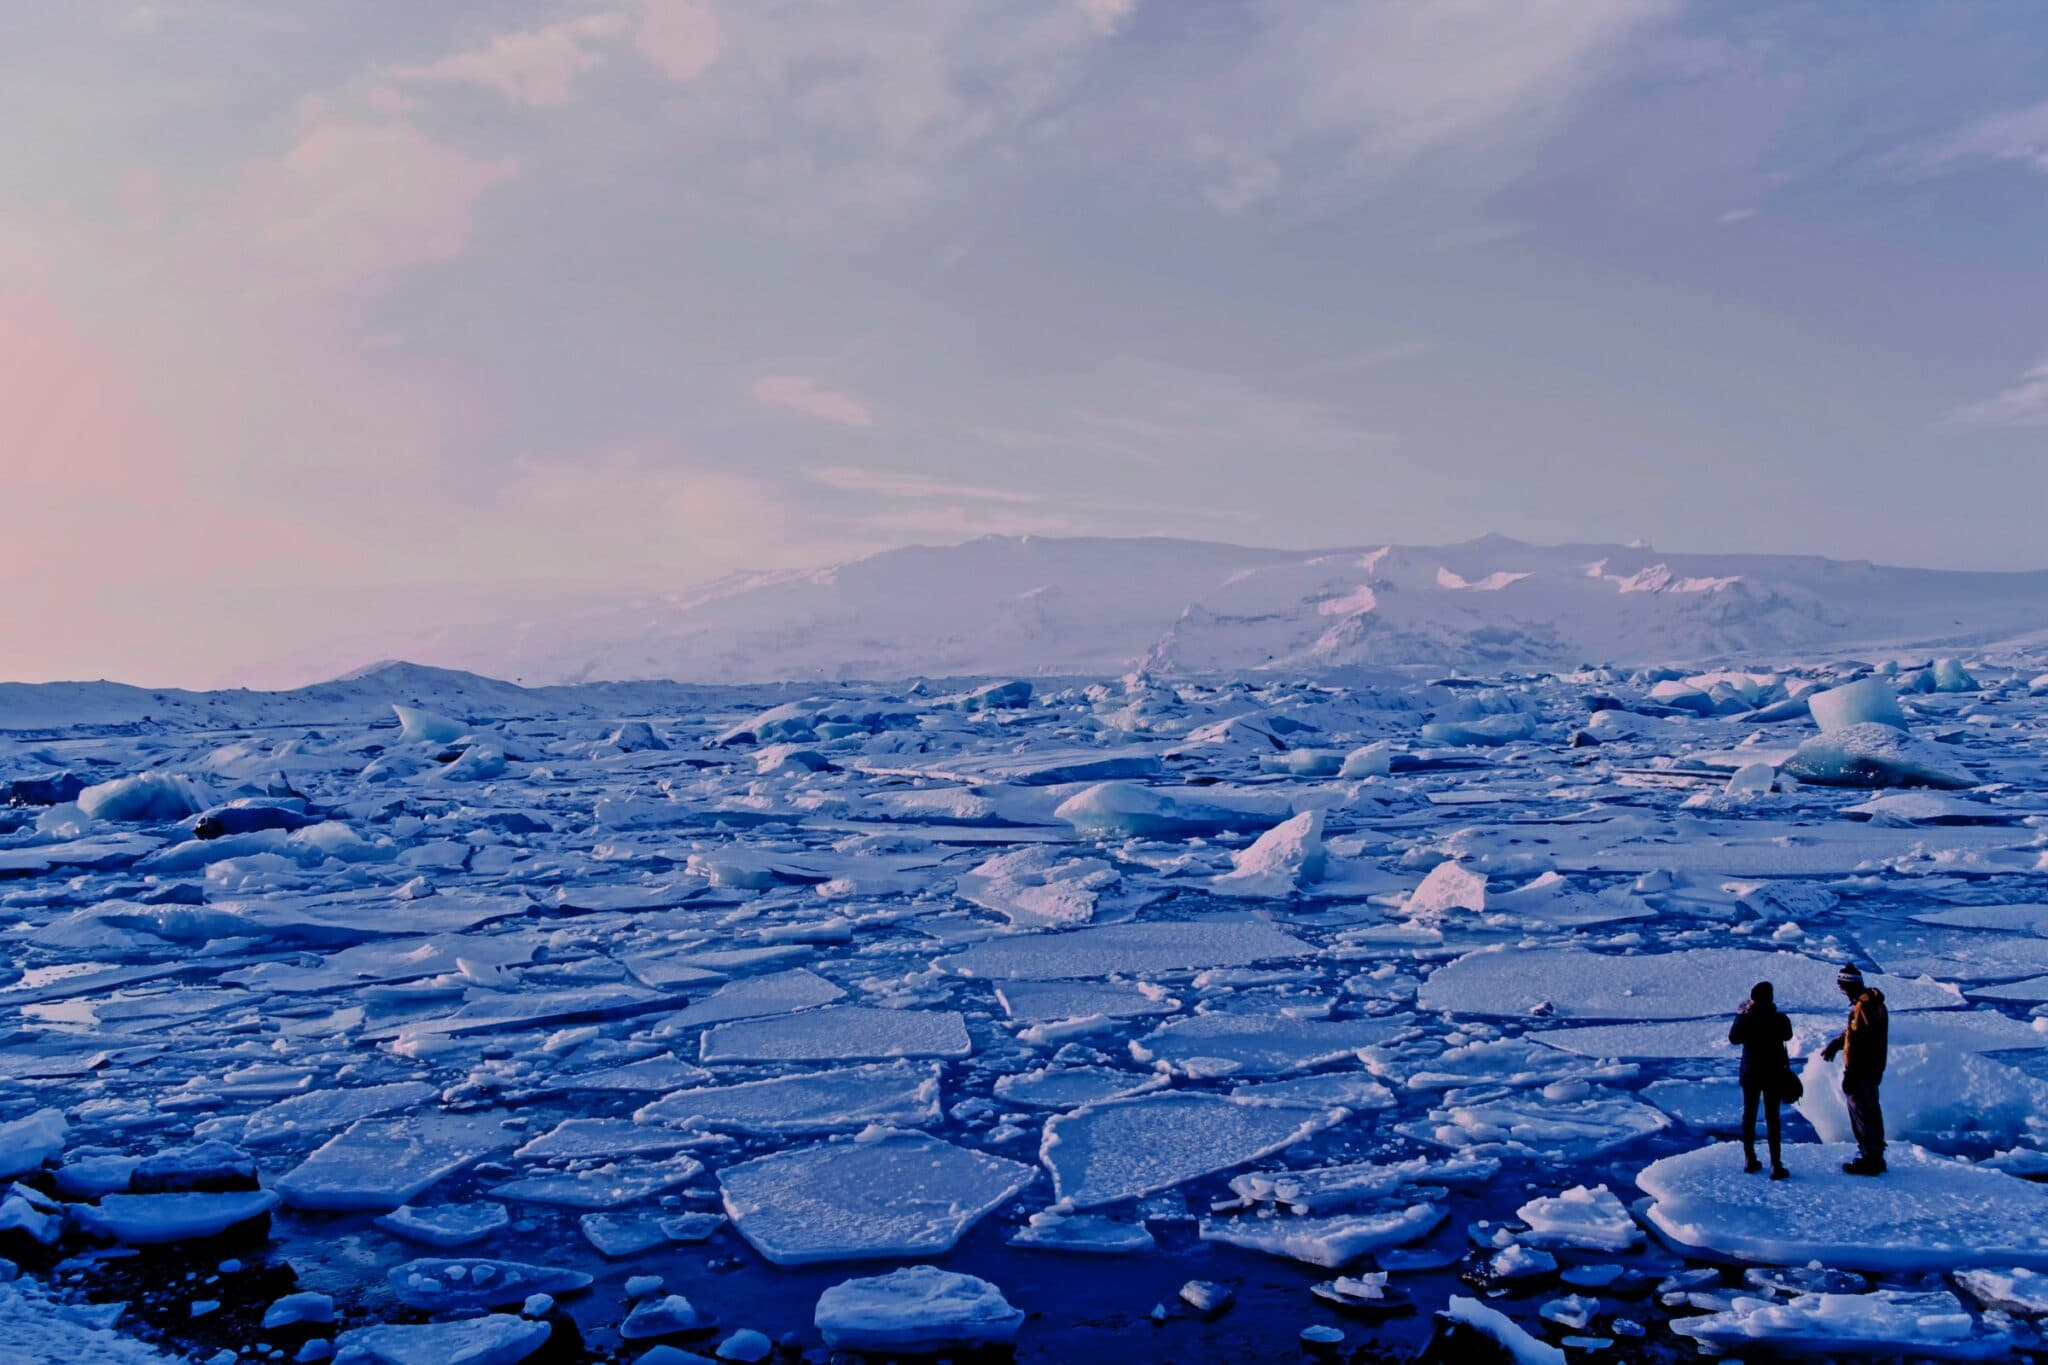 amplificazione artica, artico, artide, polo, calotte, ghiacciai, mare, oceani, atmosfera, temperatura, aumento, media, clima, cambiamento climatico, riscaldamento globale, conseguenze, fauna, società, Energy Close-up Engineering